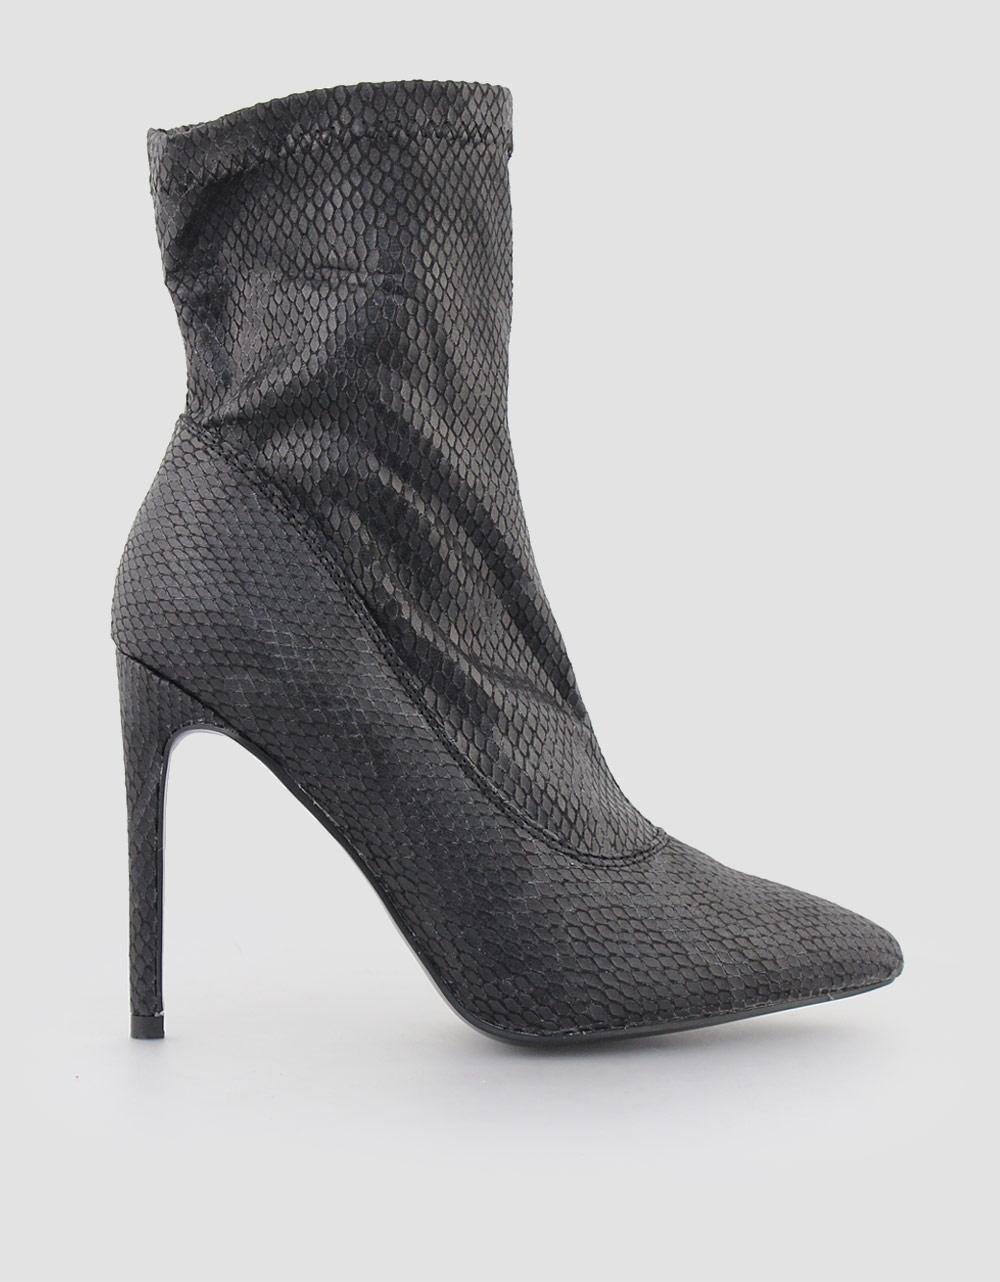 Εικόνα από Γυναικεία μποτάκια snake skin Μαύρο